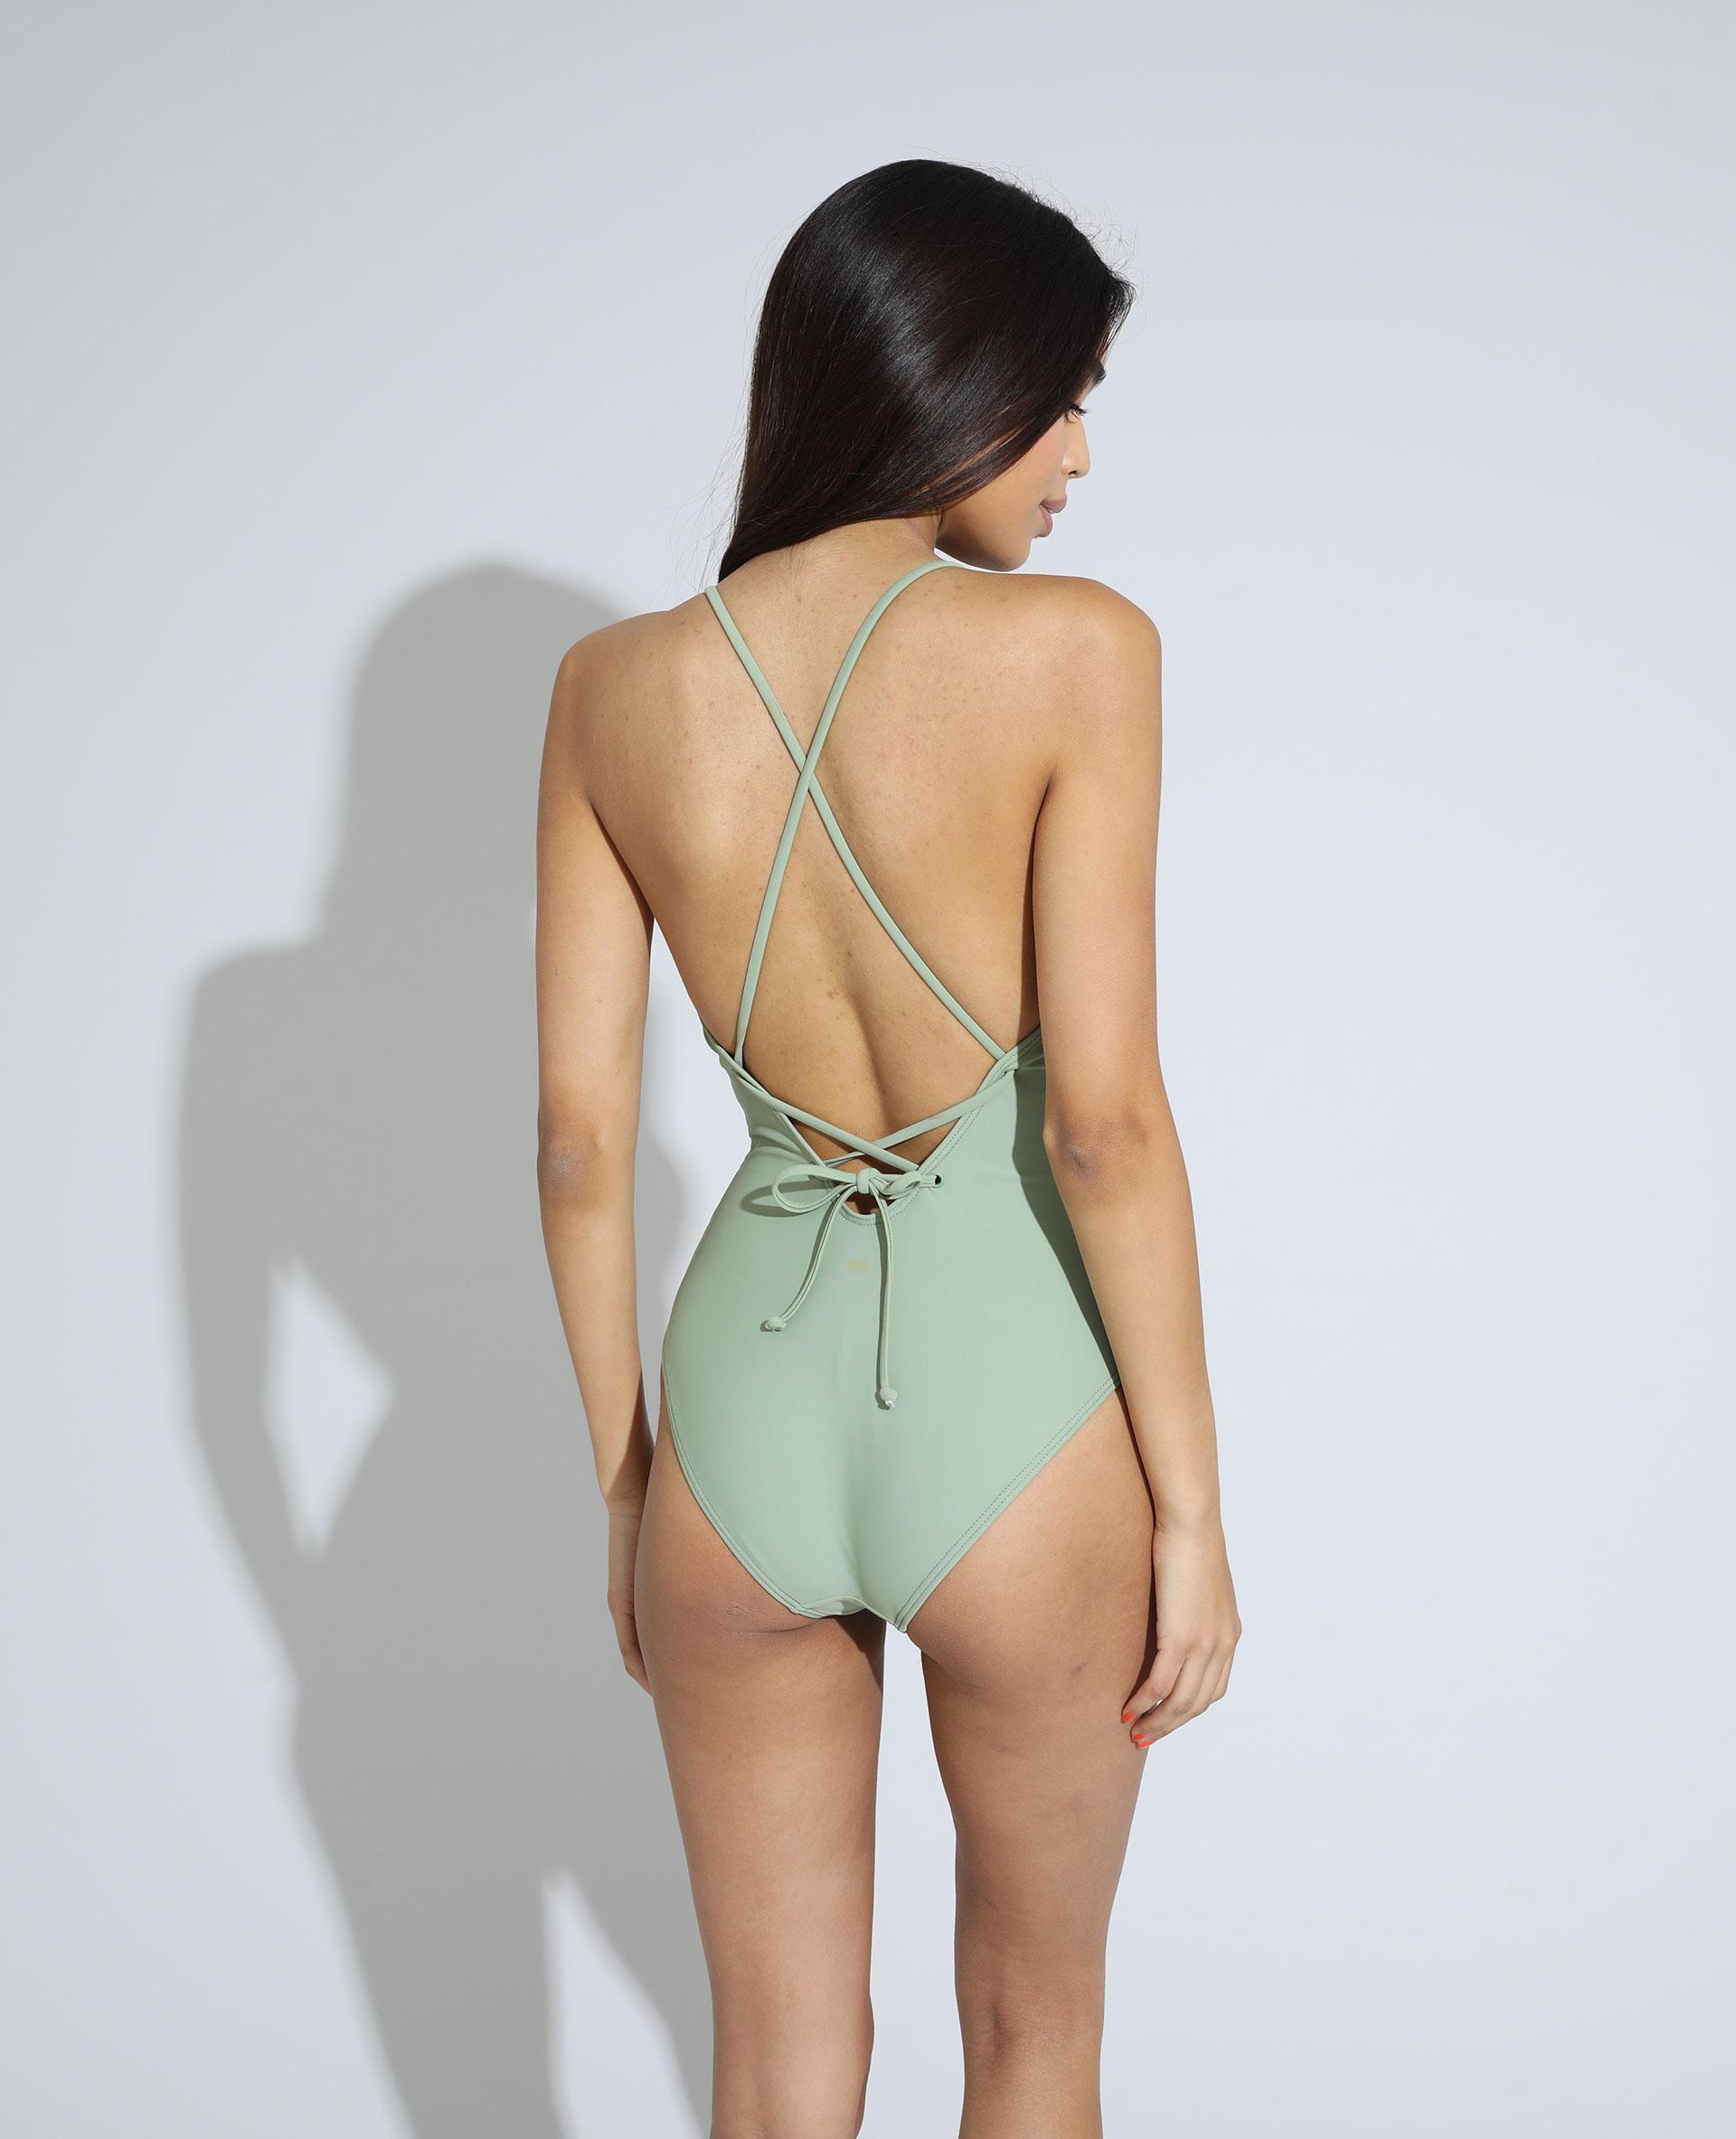 Maillot de bain une pièce dos nu avec laçage vert clair - Pimkie